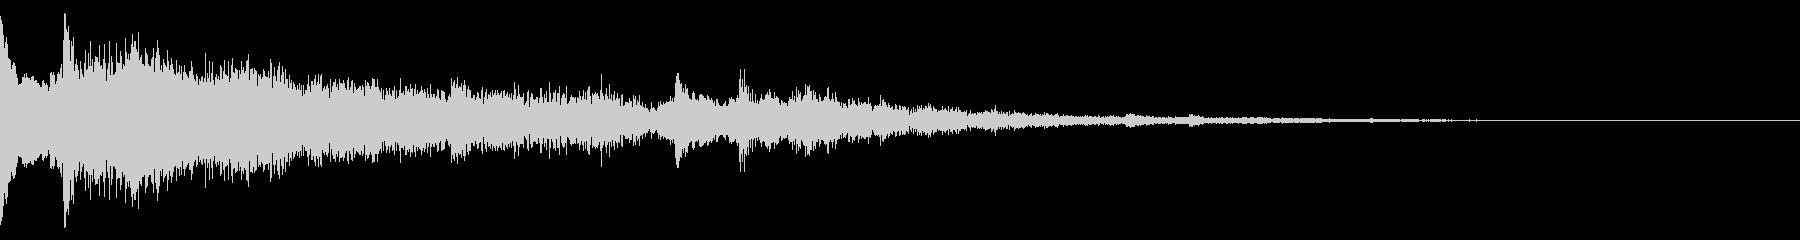 ミステリー(奇妙な現象の時の音)ver5の未再生の波形